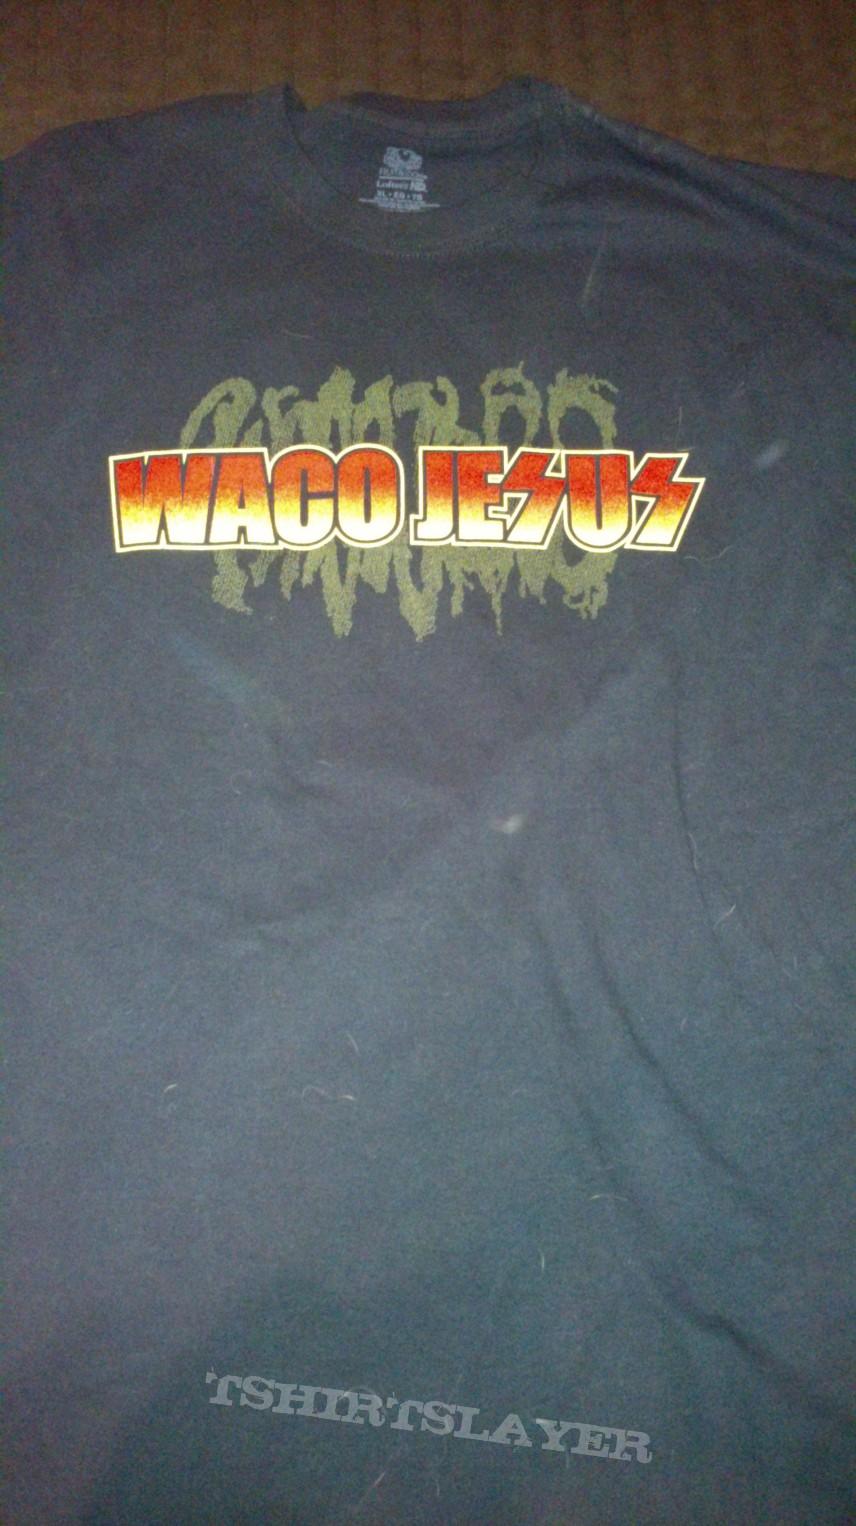 Waco Jesus - Scum Army Shirt